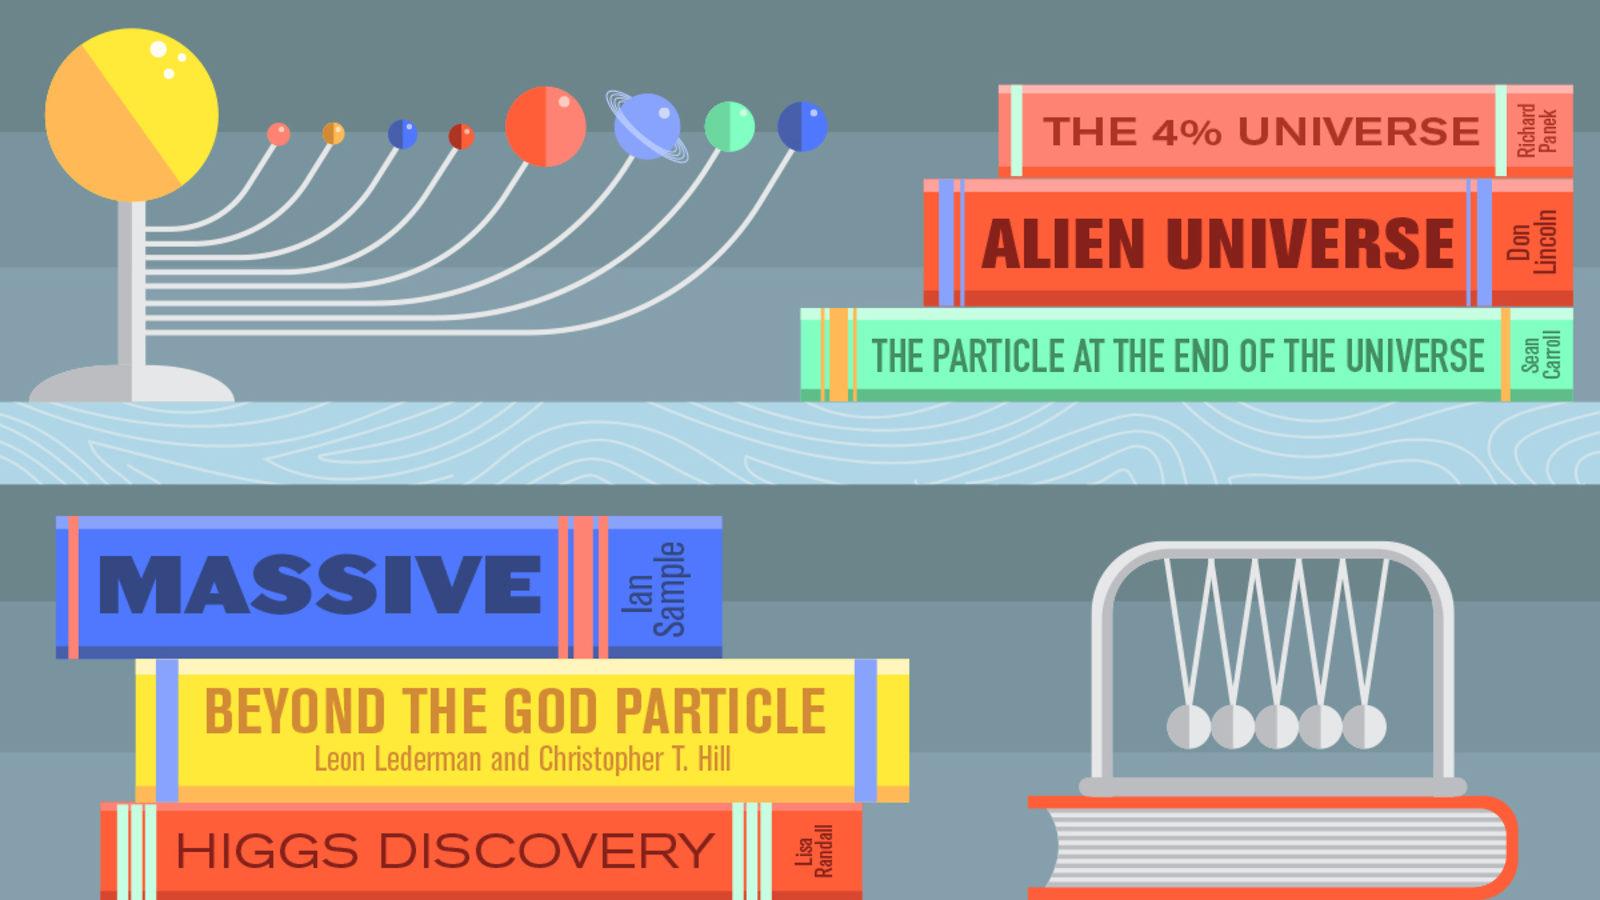 Matter of Energy: HiggsBooks